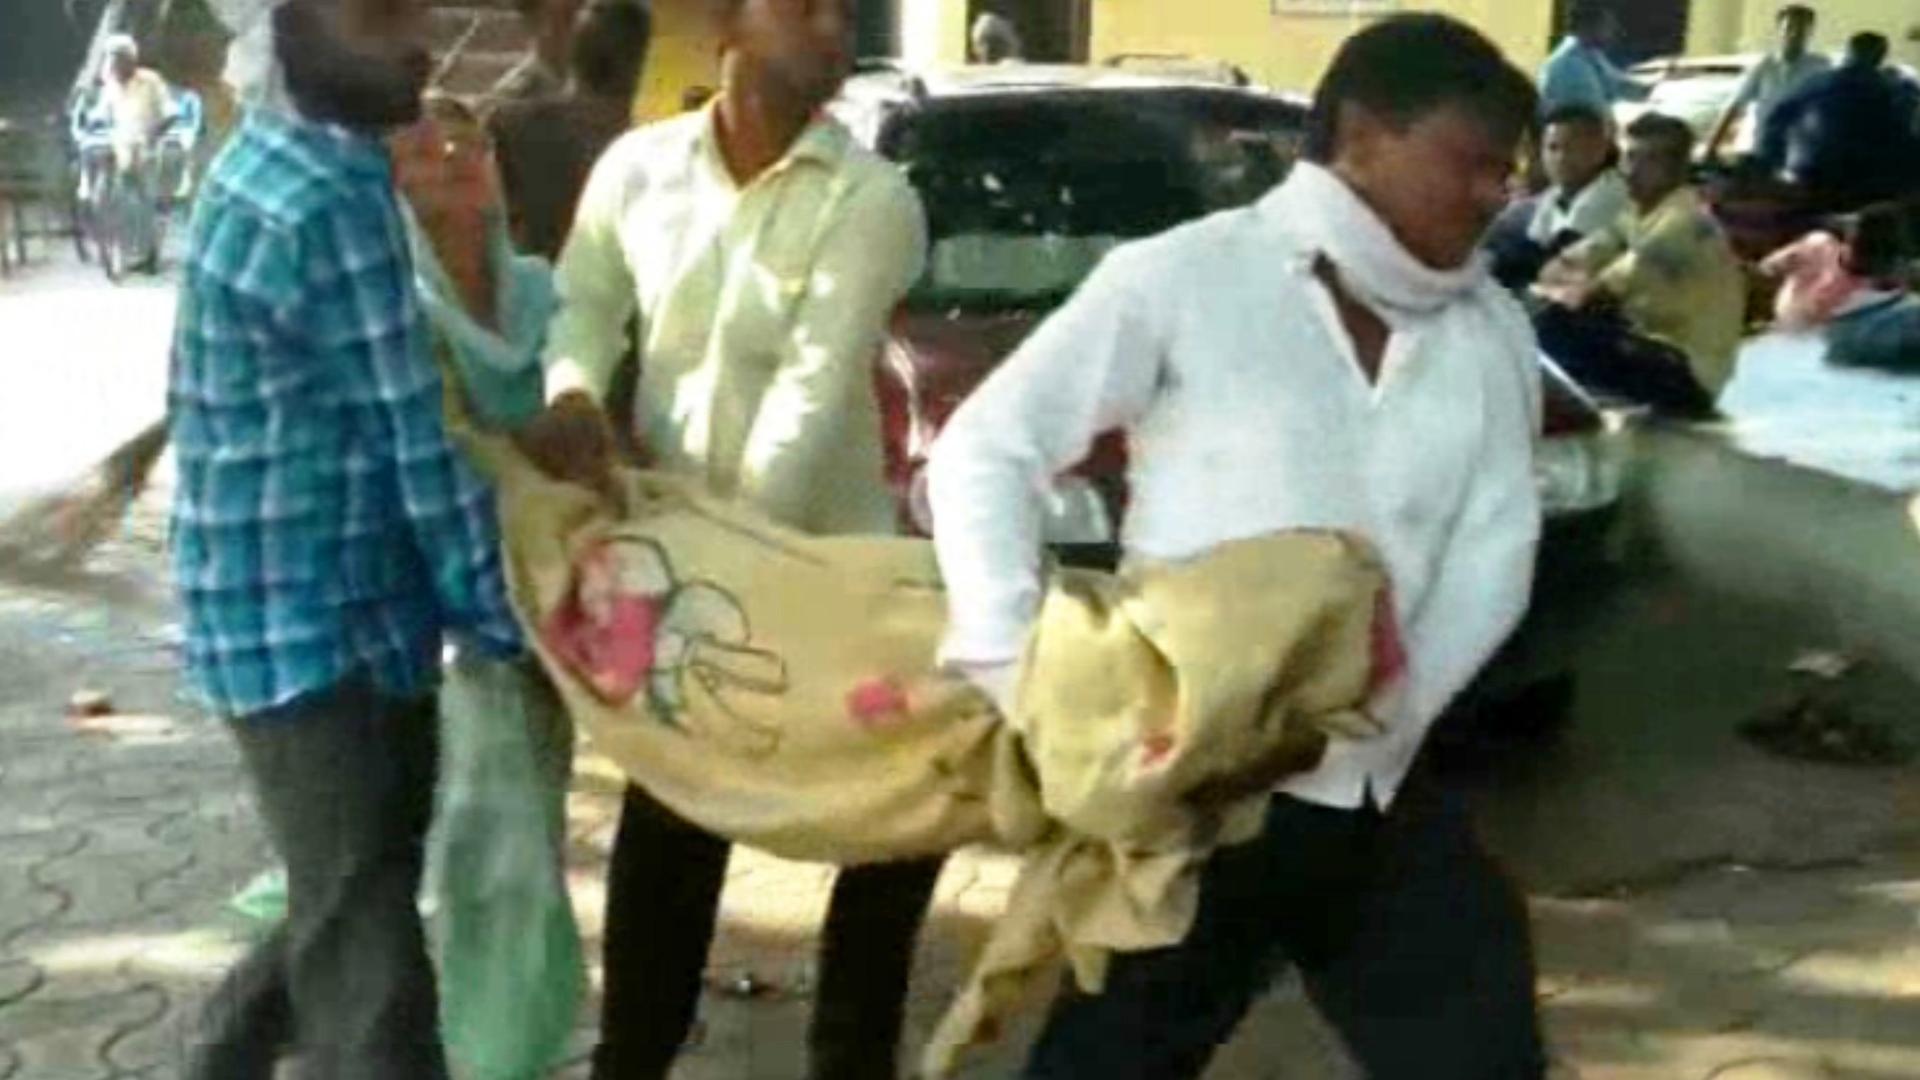 रेलमंत्री जी मानवता शर्मसार - नहीं दी स्ट्रेचर तो पति का शव कंधे पर लेकर चली गई पत्नी